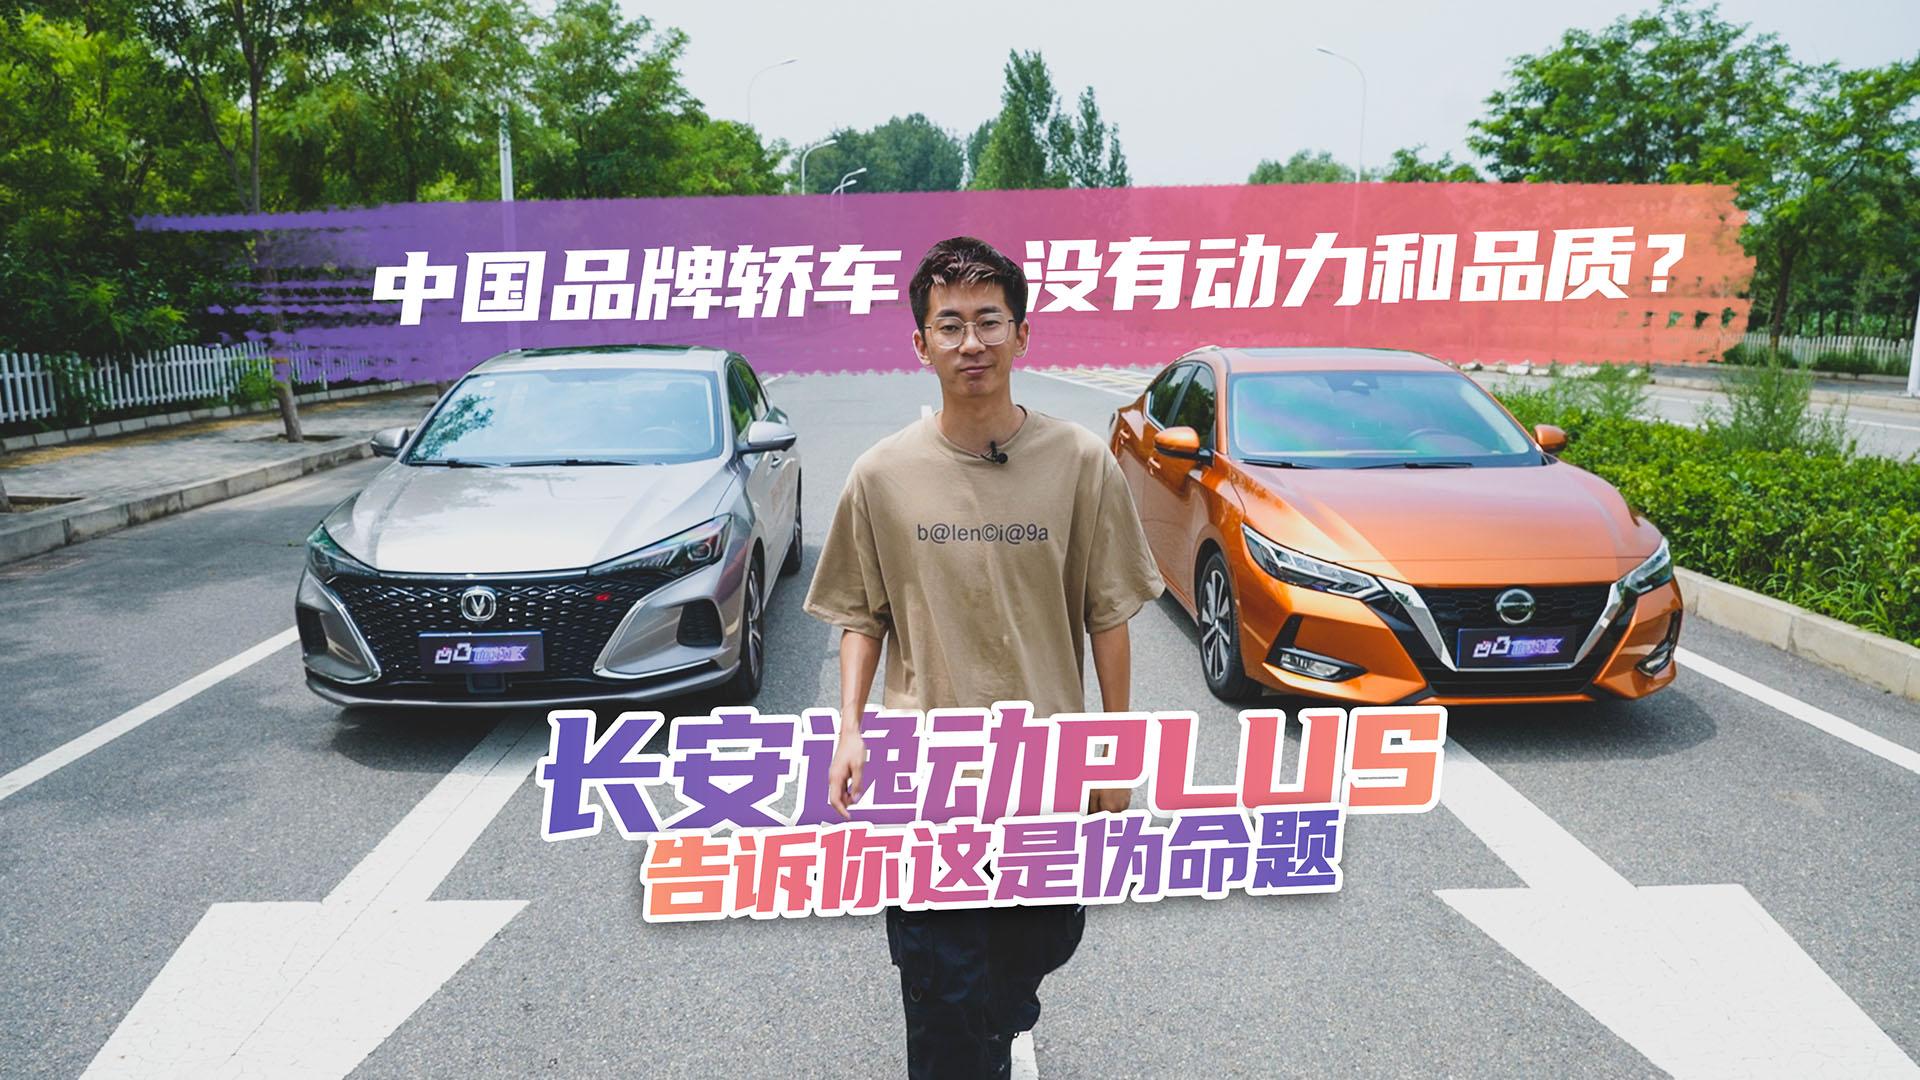 中国品牌轿车没有动力和品质? 长安逸动PLUS告诉你